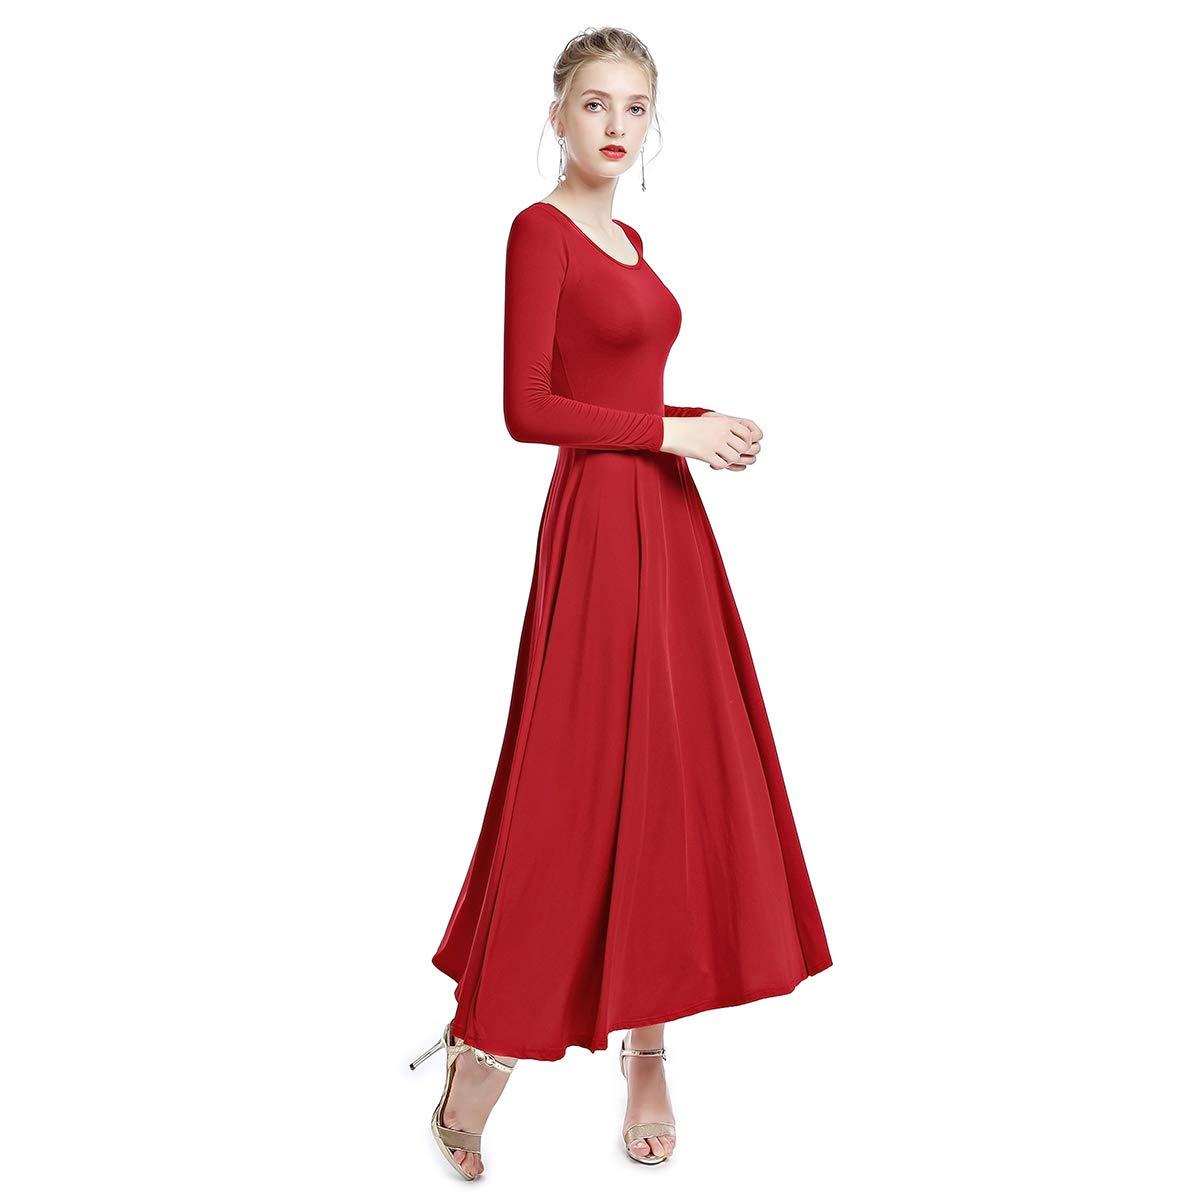 OBEEII Femme Robe de Danse /à Manches Longues Justaucorps de Gymnastique Ballet Classique Combinaison Bodysuit Liturgical Praise Dance Dress Costume